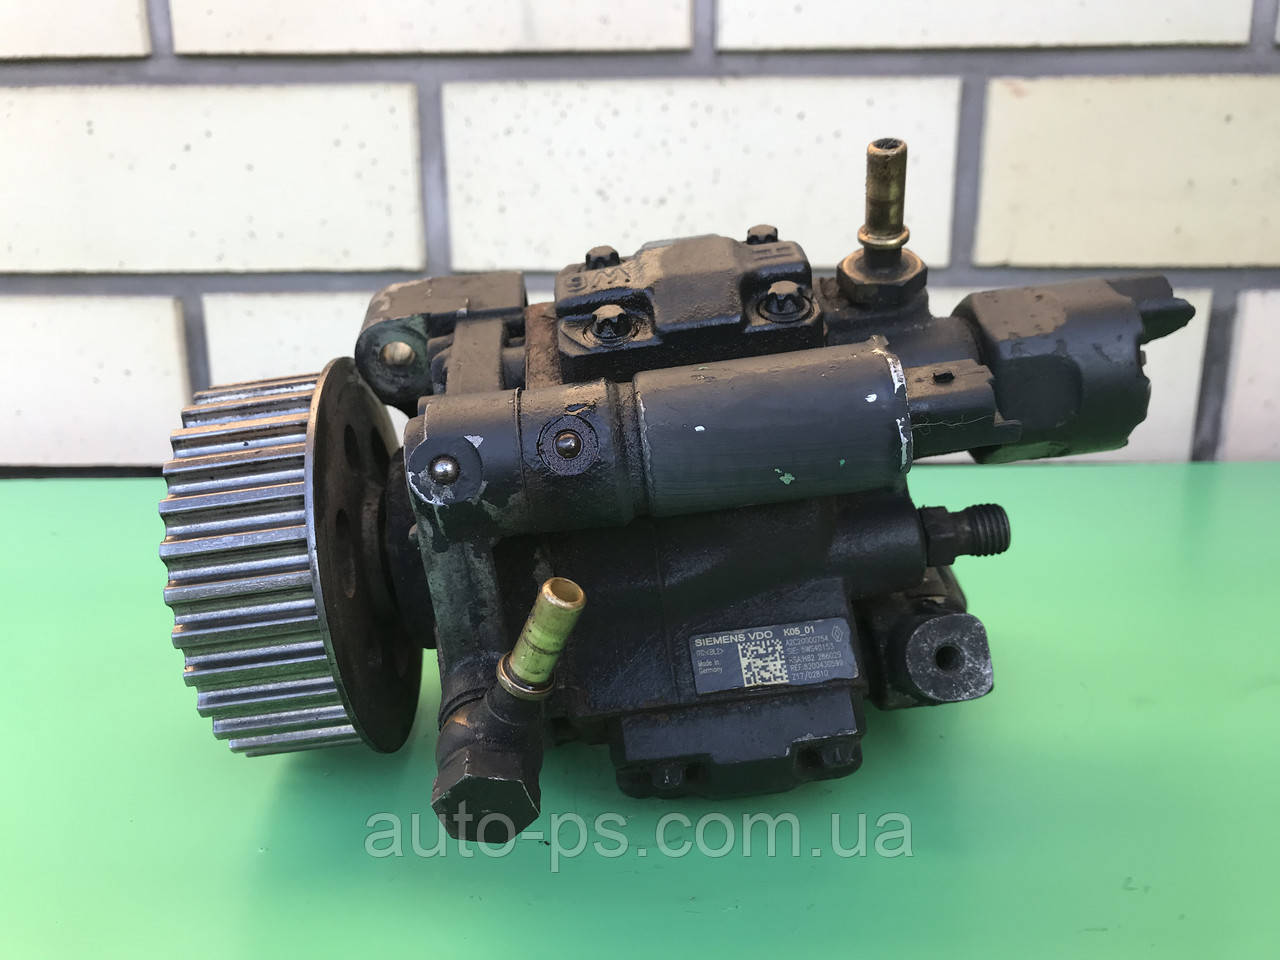 Топливный насос высокого давления (ТНВД) Renault Megane II 1.5dCi